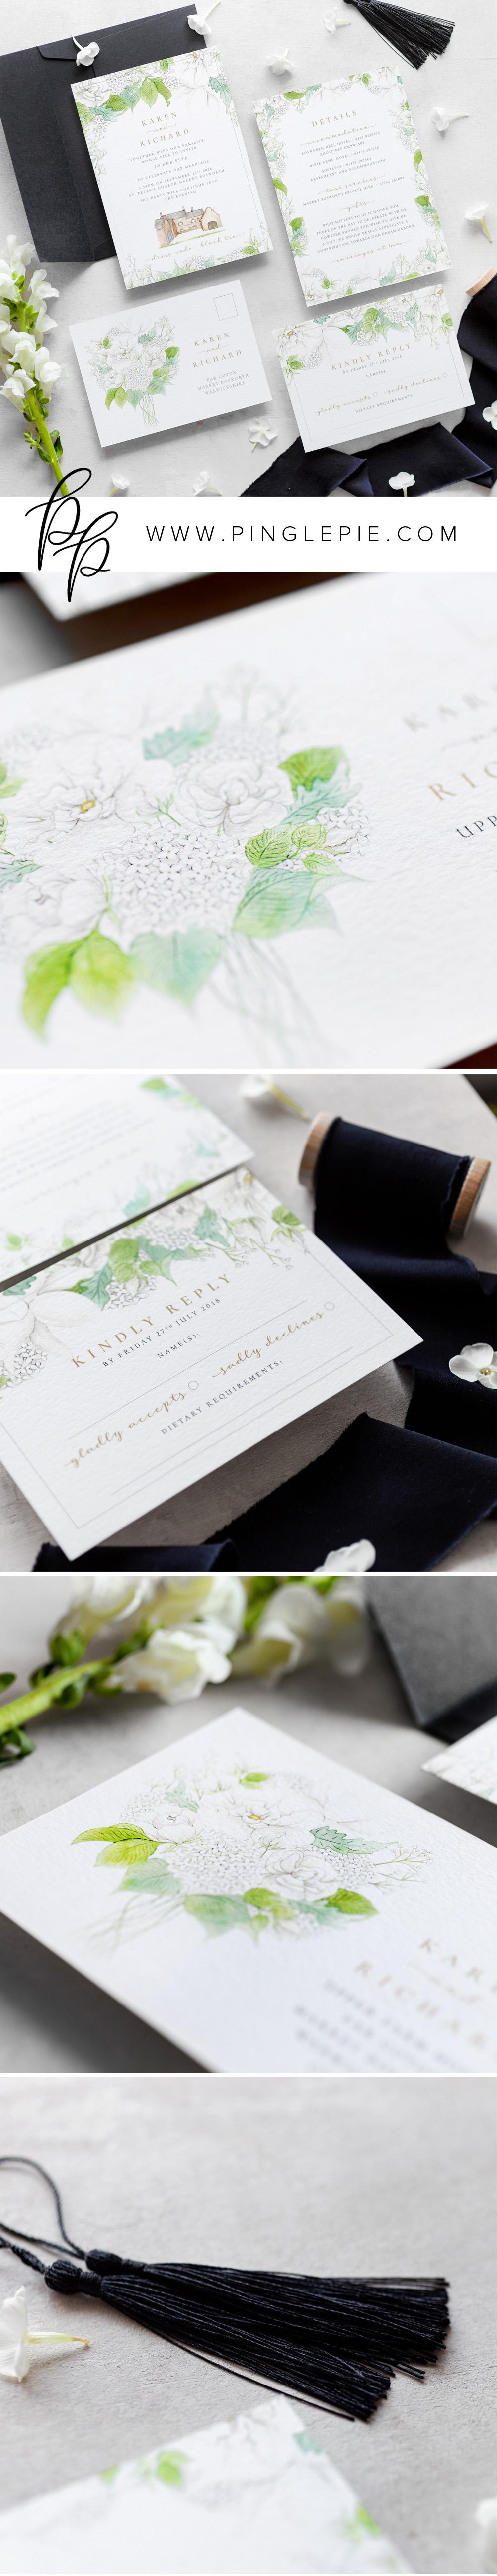 Bespoke Wedding Invite - Botanical Wedding Stationery - Pingle Pie